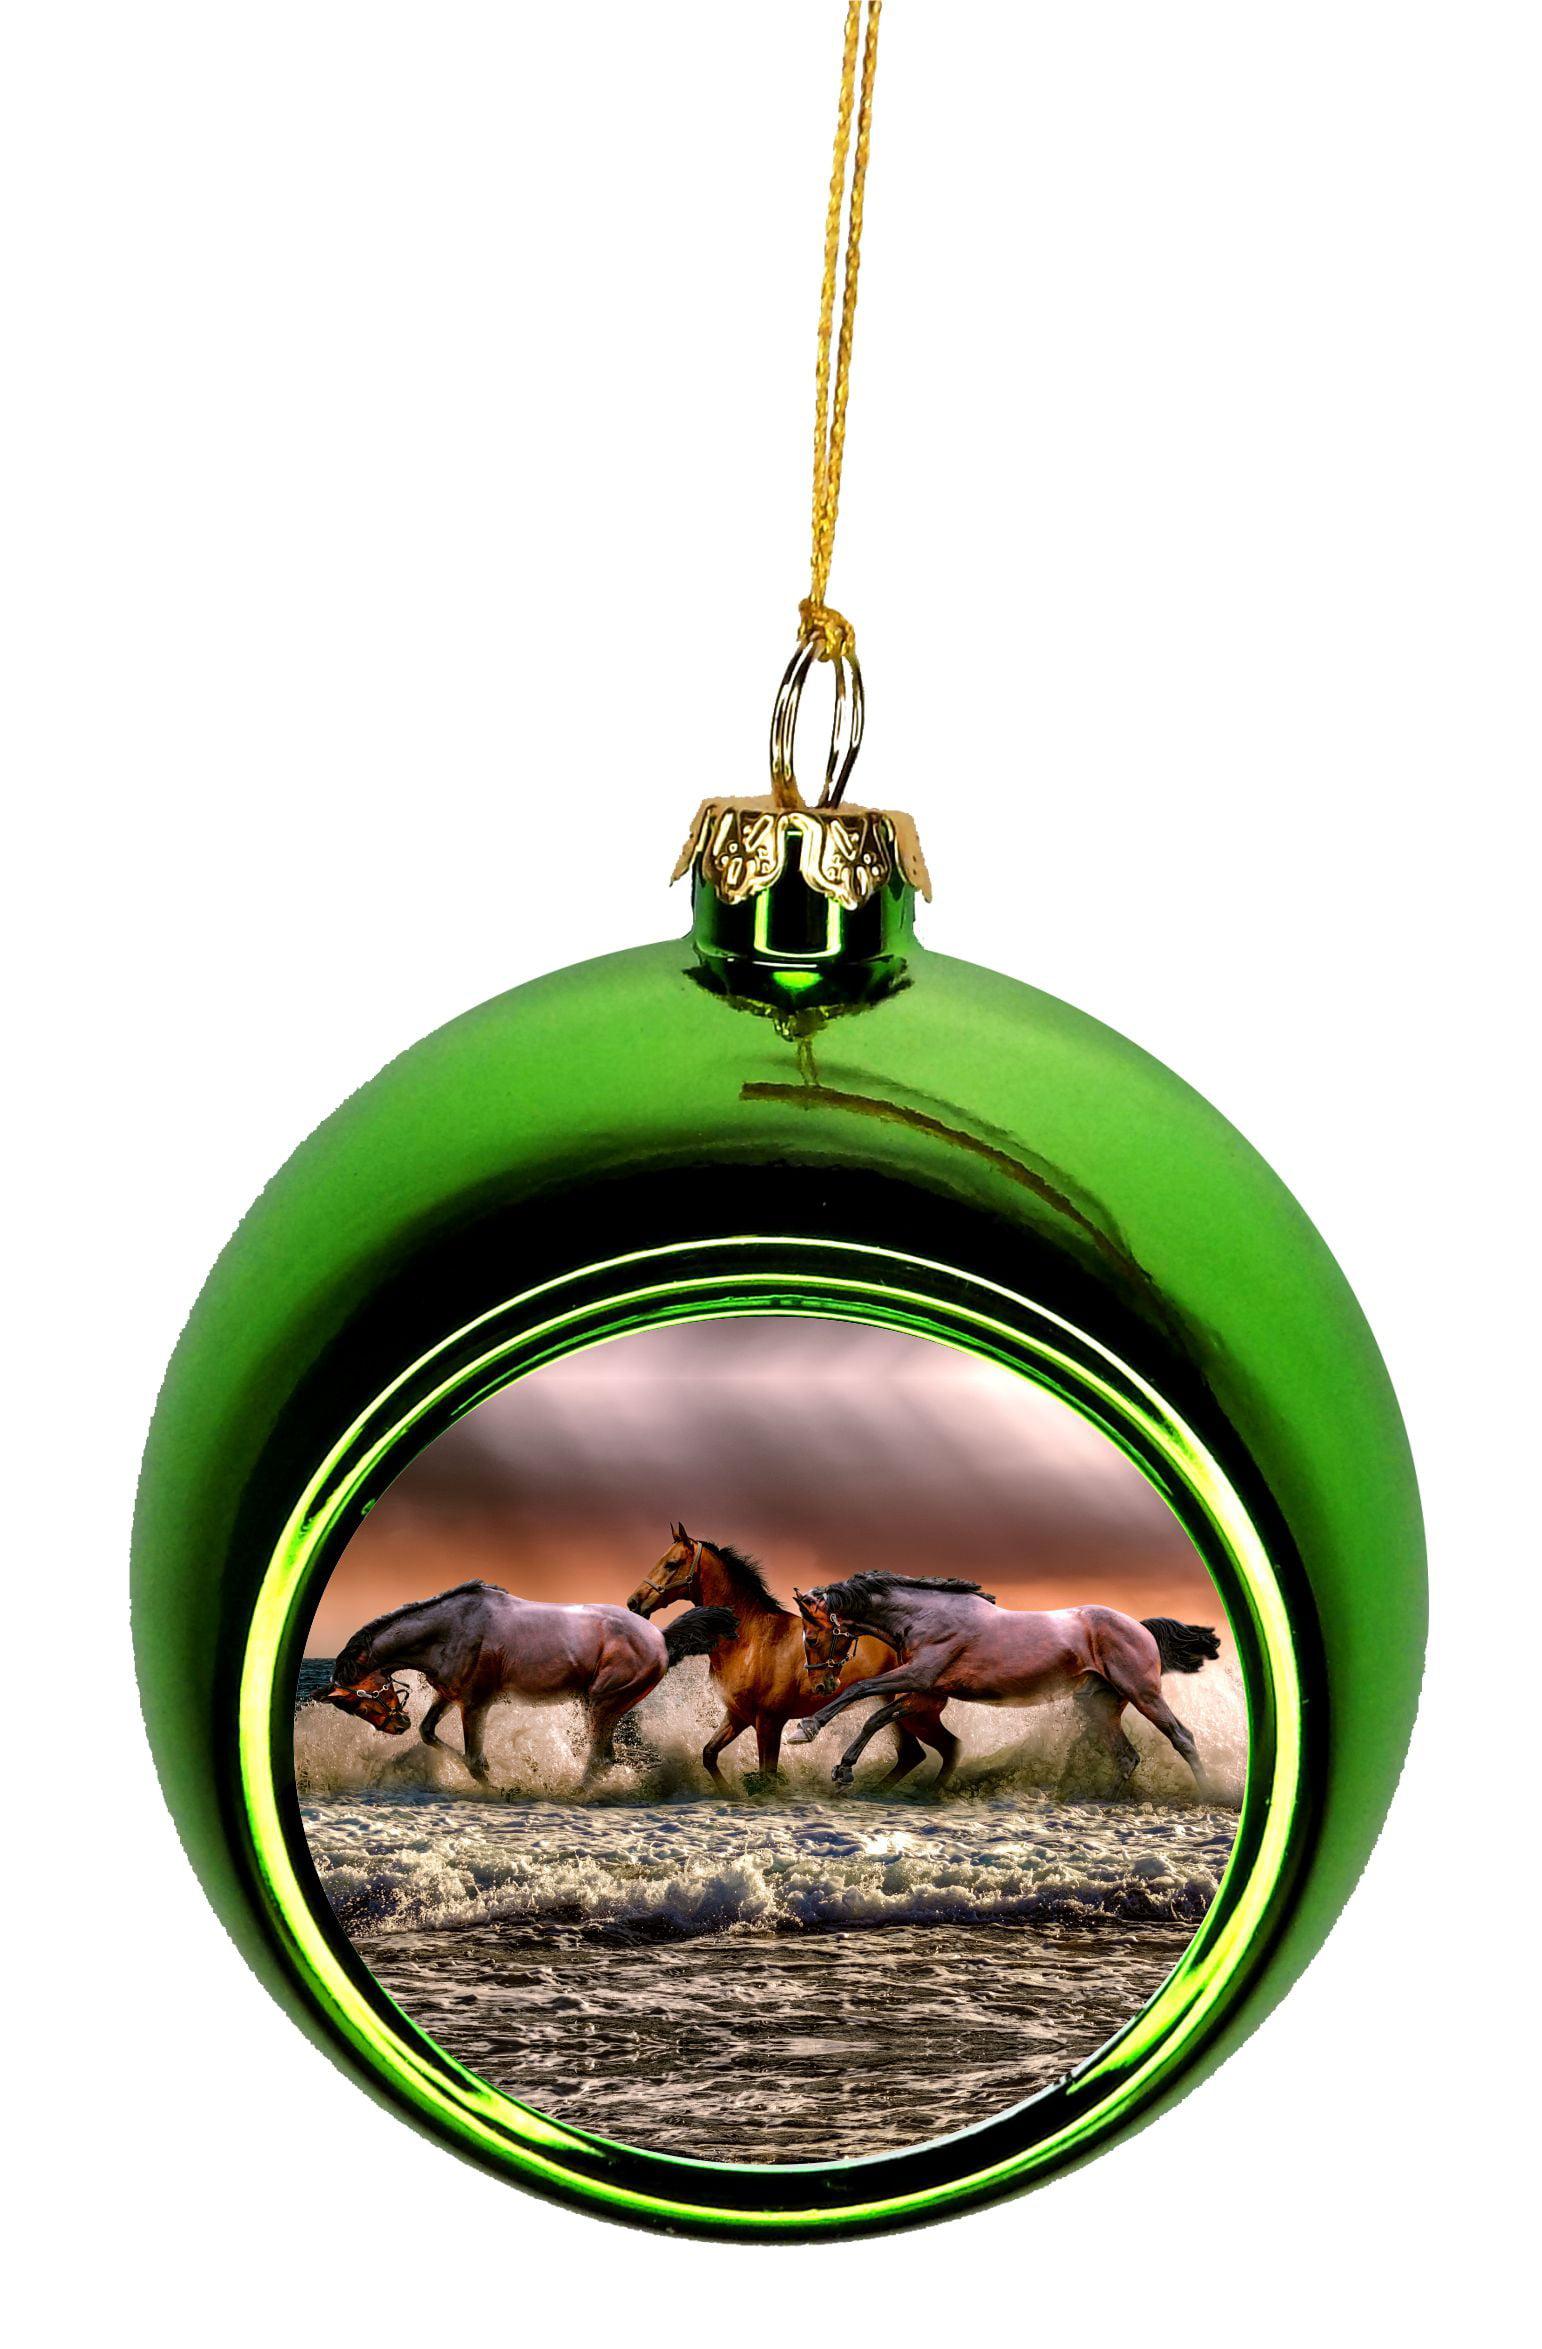 Horse Ornaments Christmas Horses In The Ocean Bauble Christmas Ornaments Green Bauble Tree Xmas Balls Walmart Com Walmart Com